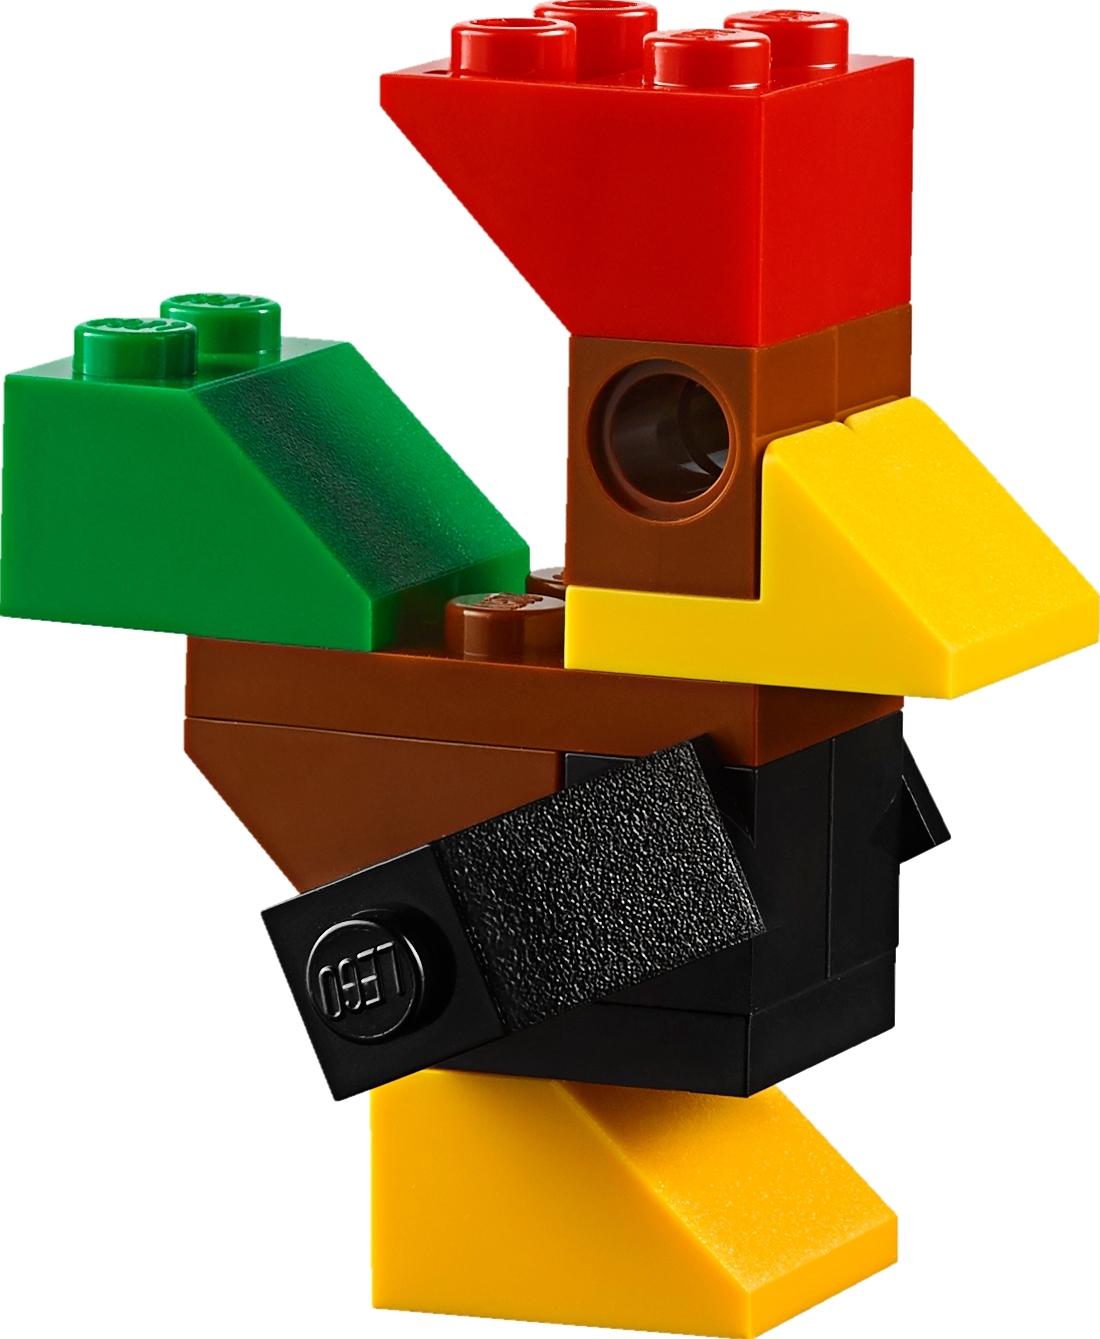 Bricks and Lights